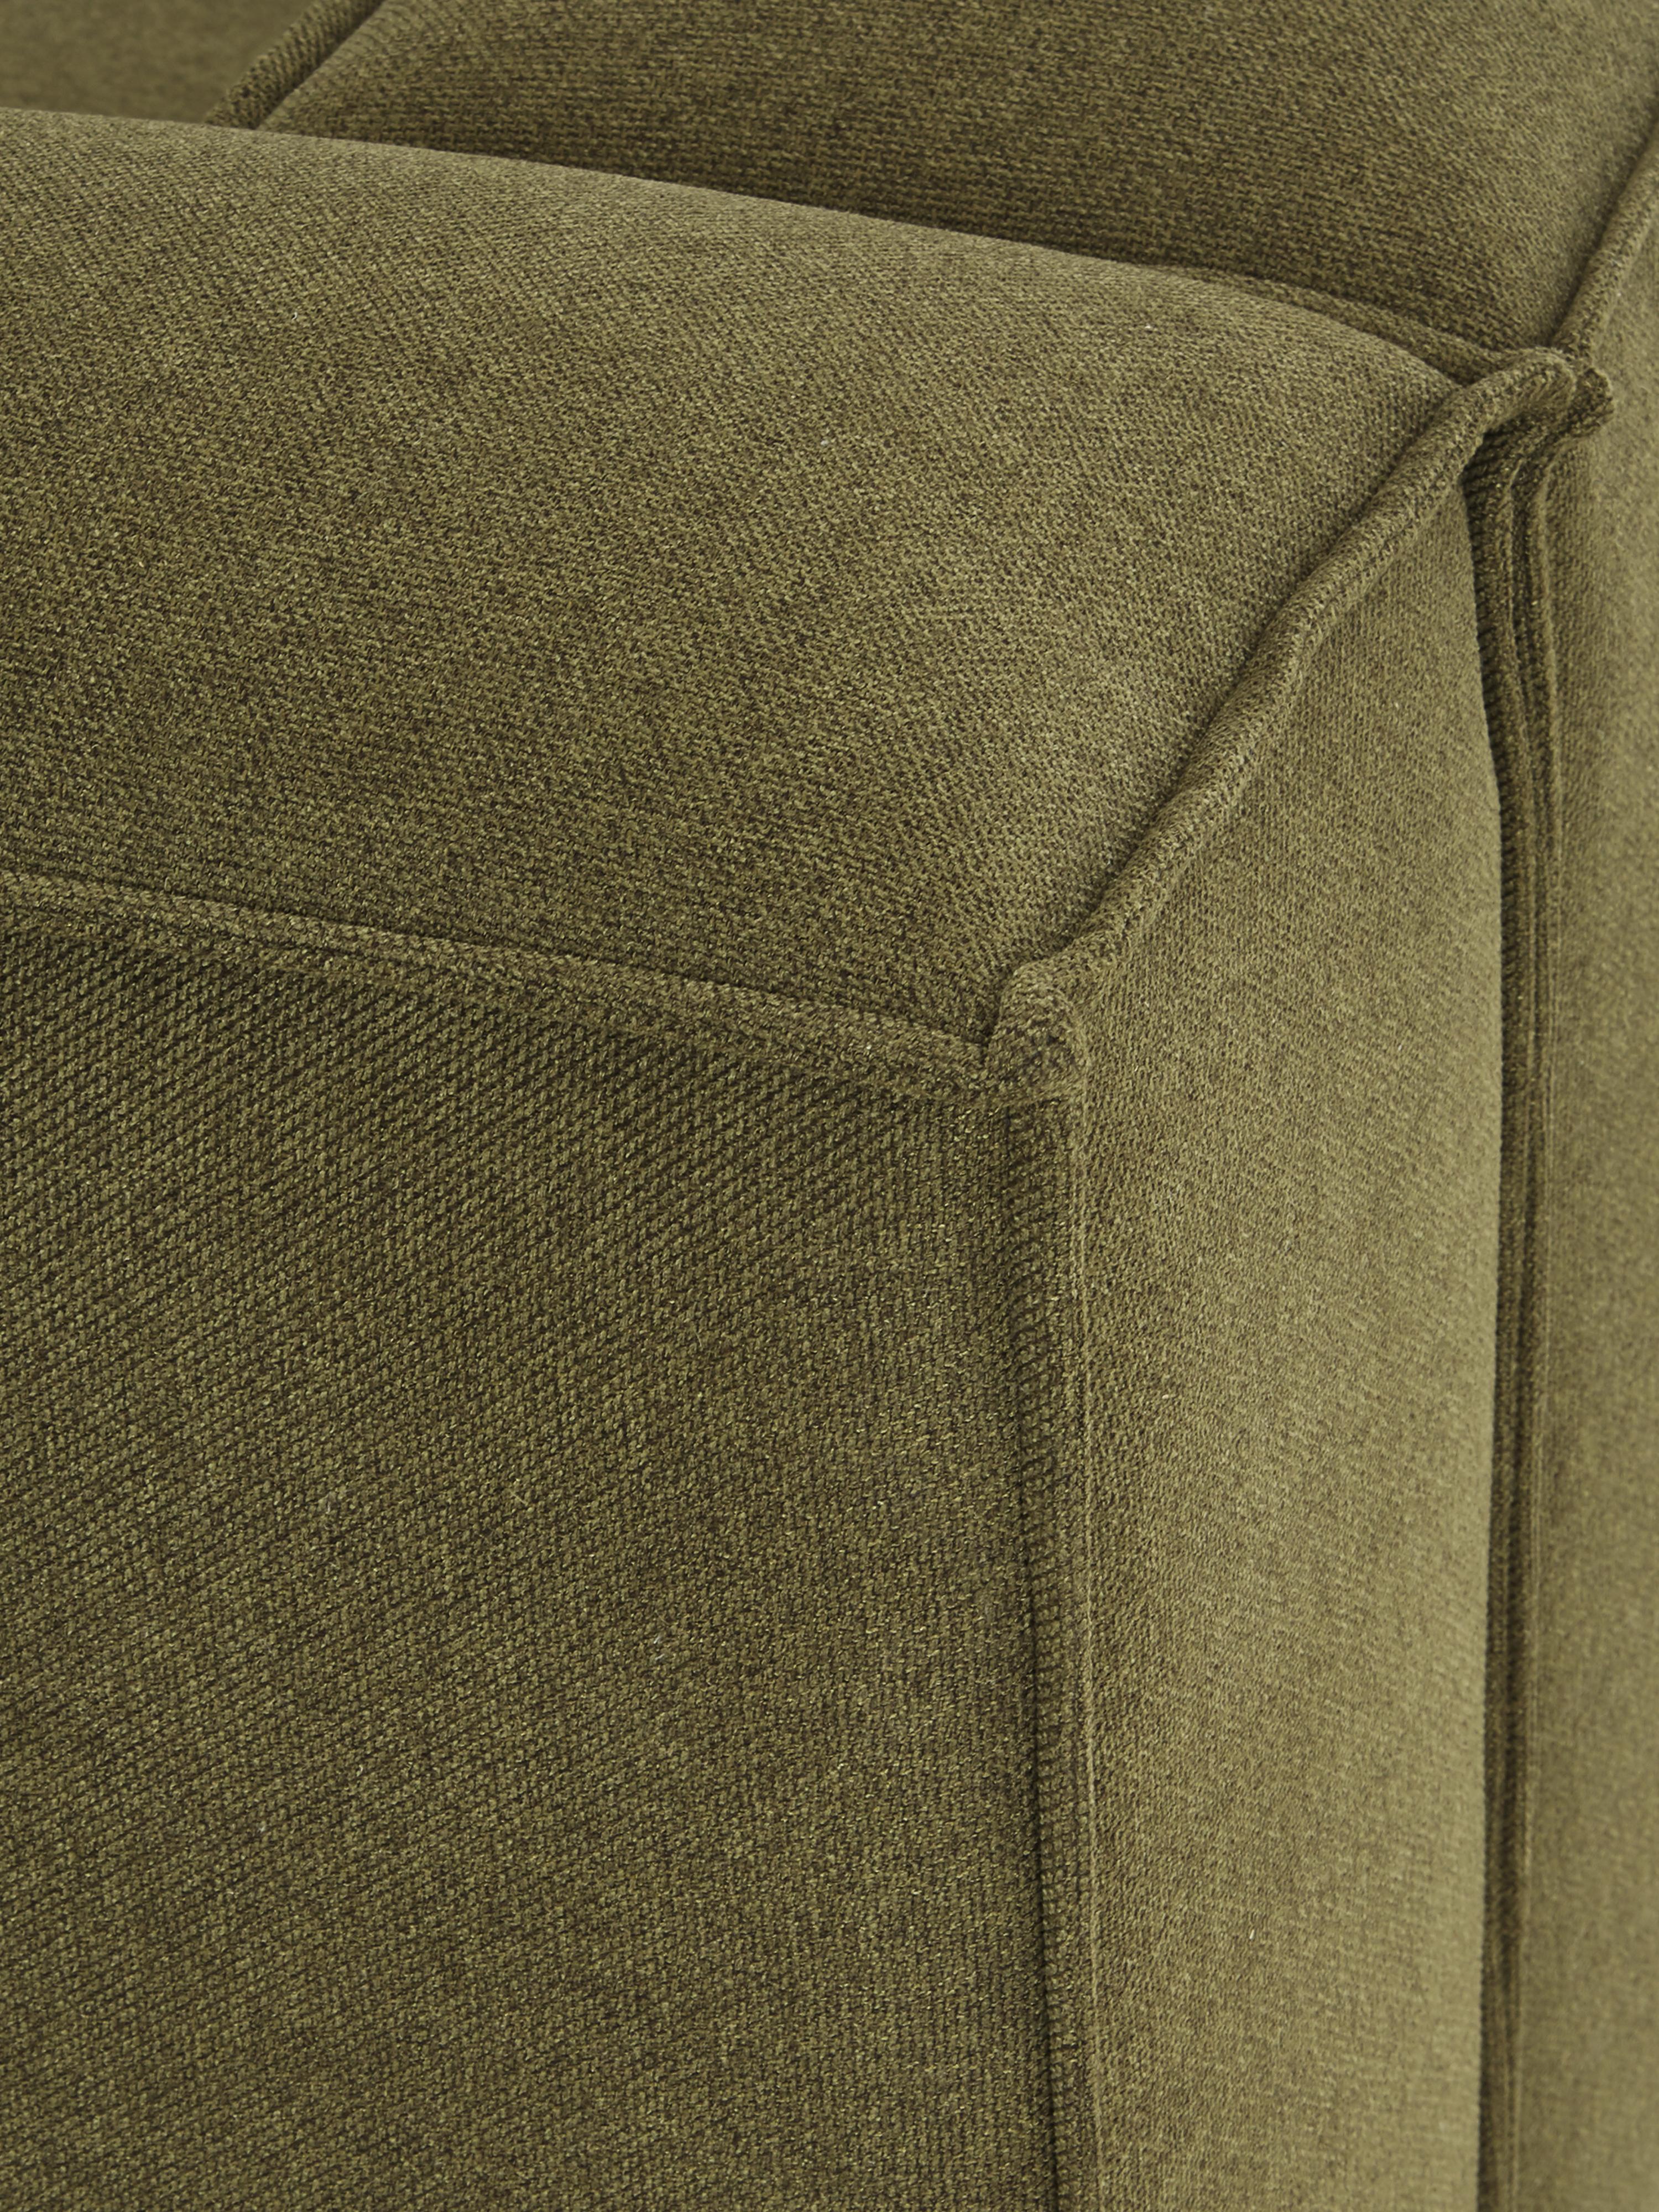 Divano angolare componibile in tessuto verde Lennon, Rivestimento: poliestere 35.000 cicli d, Struttura: pino massiccio, compensat, Piedini: materiale sintetico, Tessuto verde, Larg. 238 x Prof. 180 cm